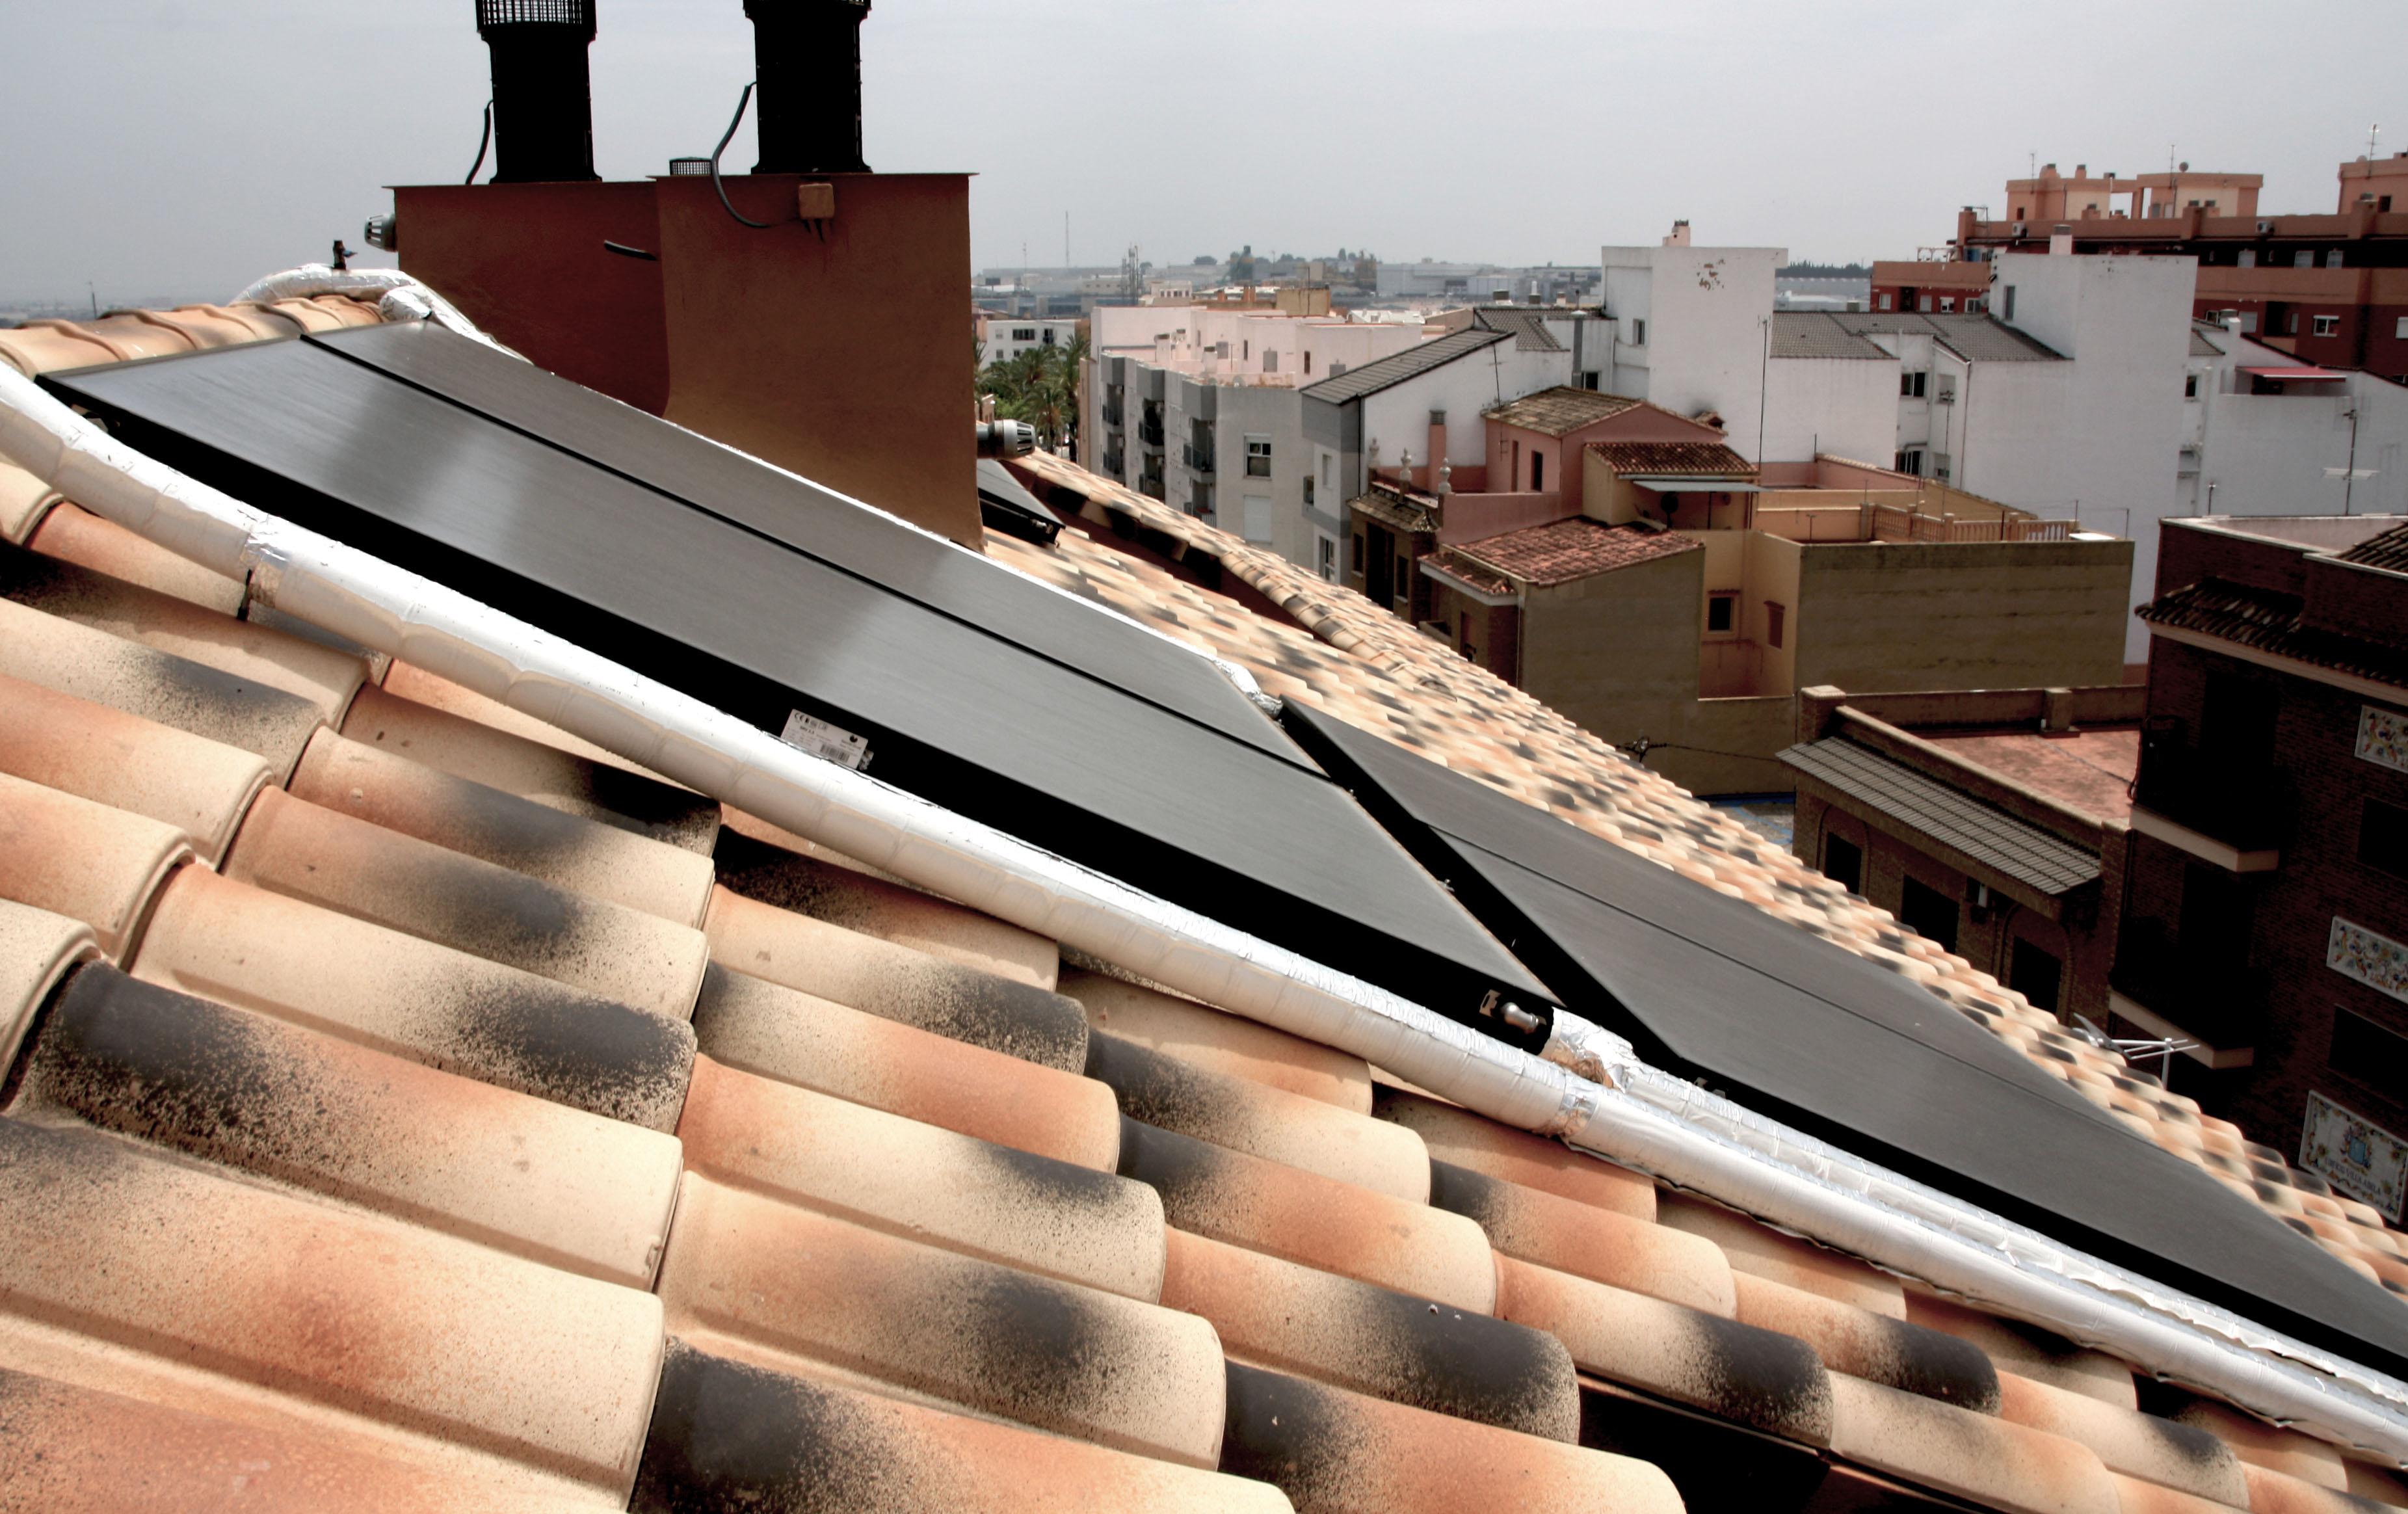 Energ a solar t rmica ts clima instalaci n aire acondicionado valencia - Instalador de placas solares ...